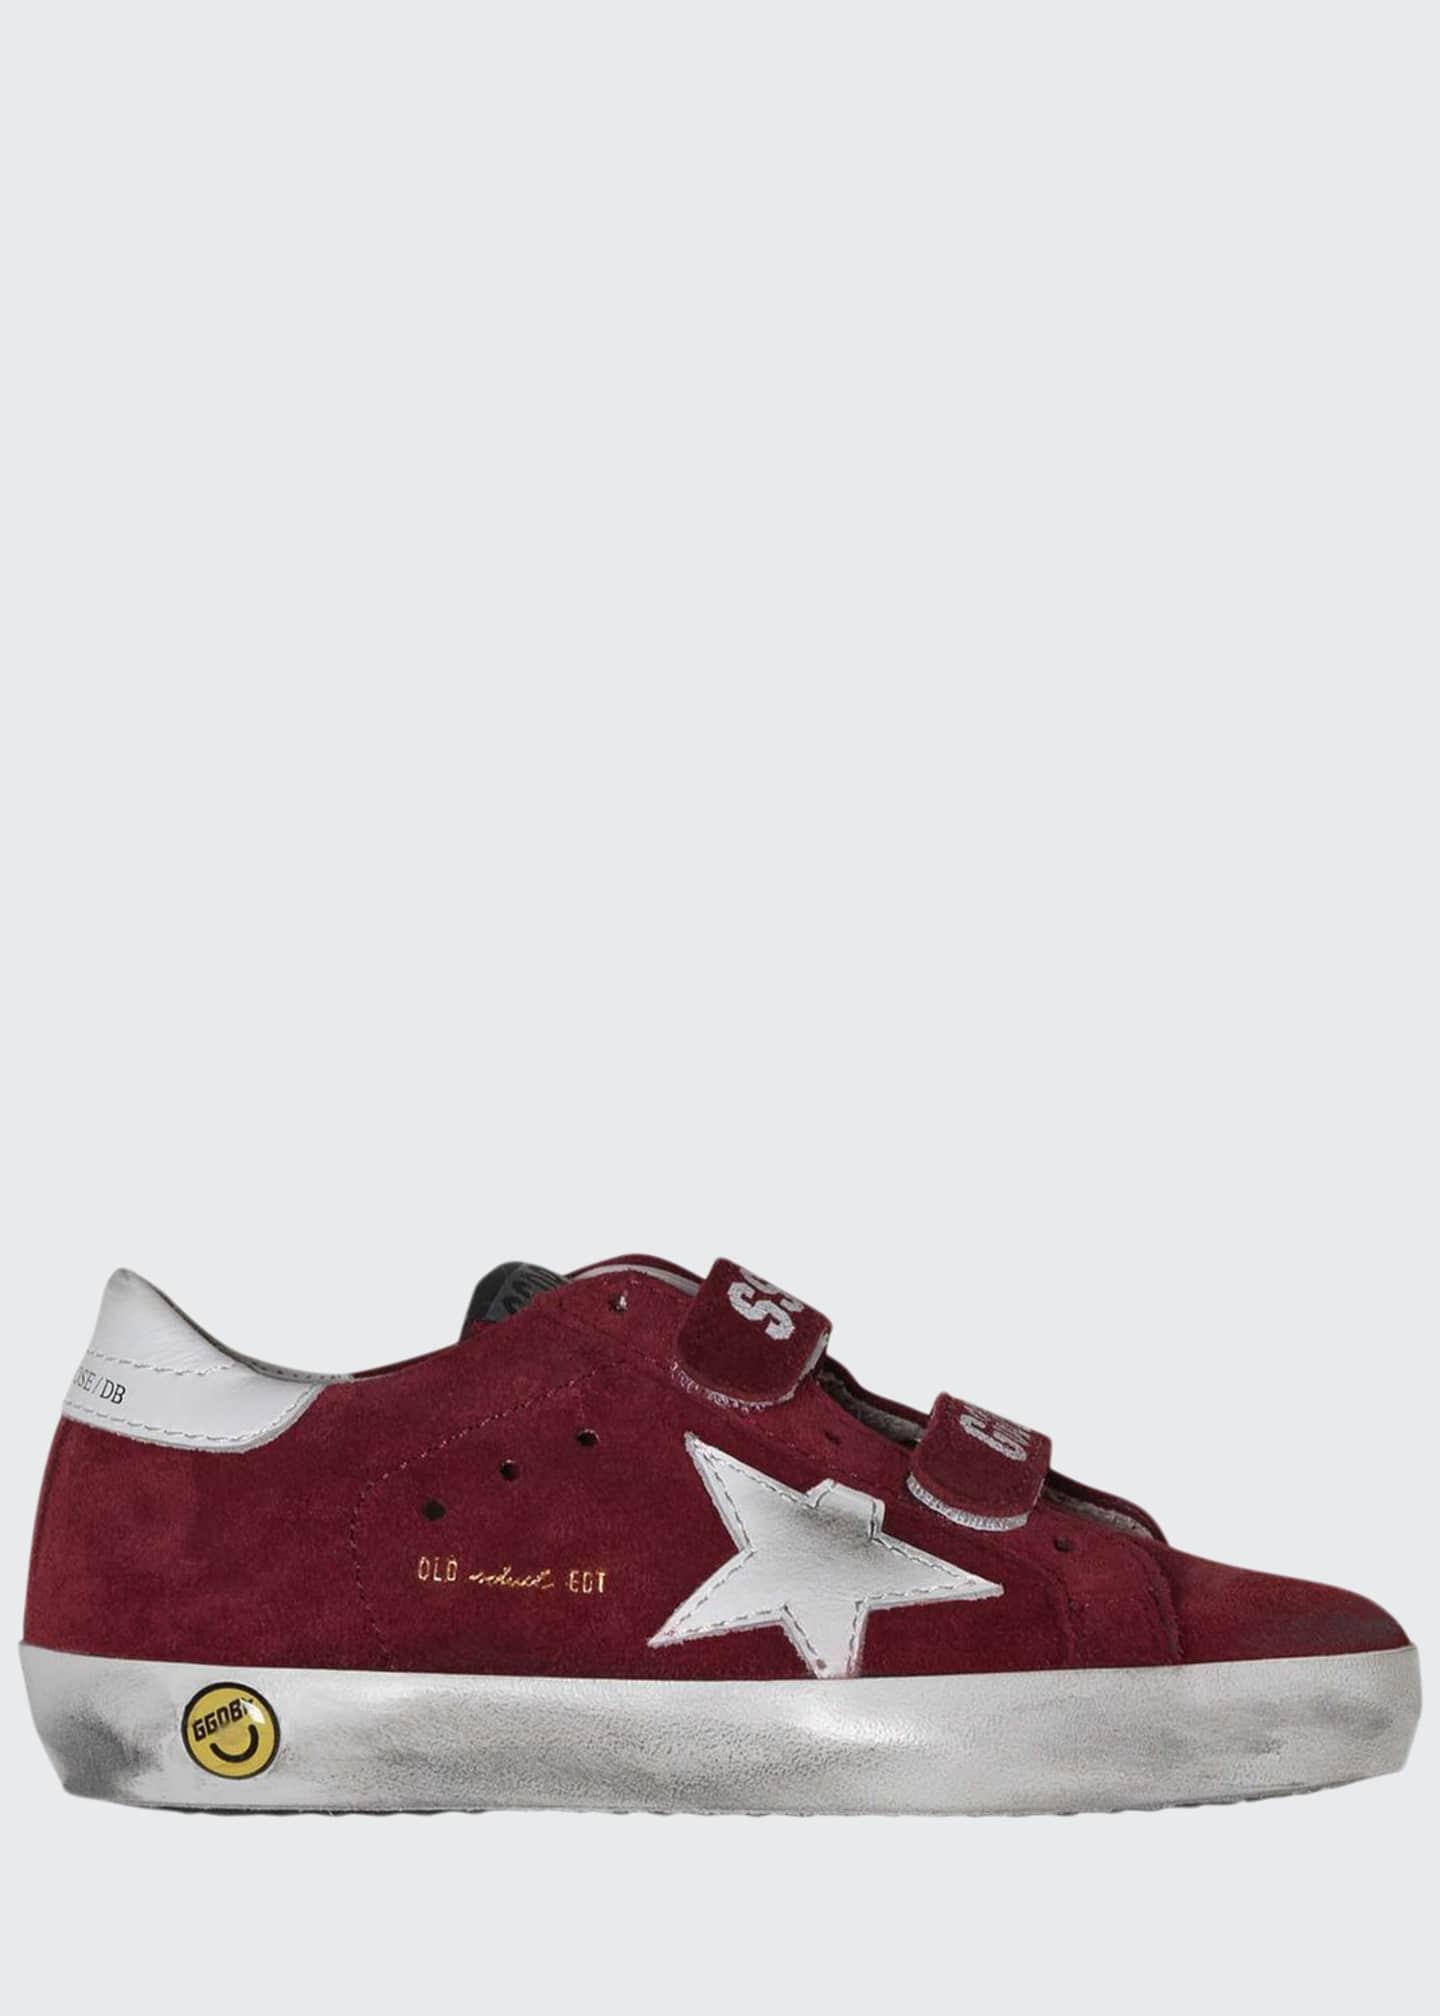 Golden Goose Boy's Old School Suede Sneakers, Toddler/Kids